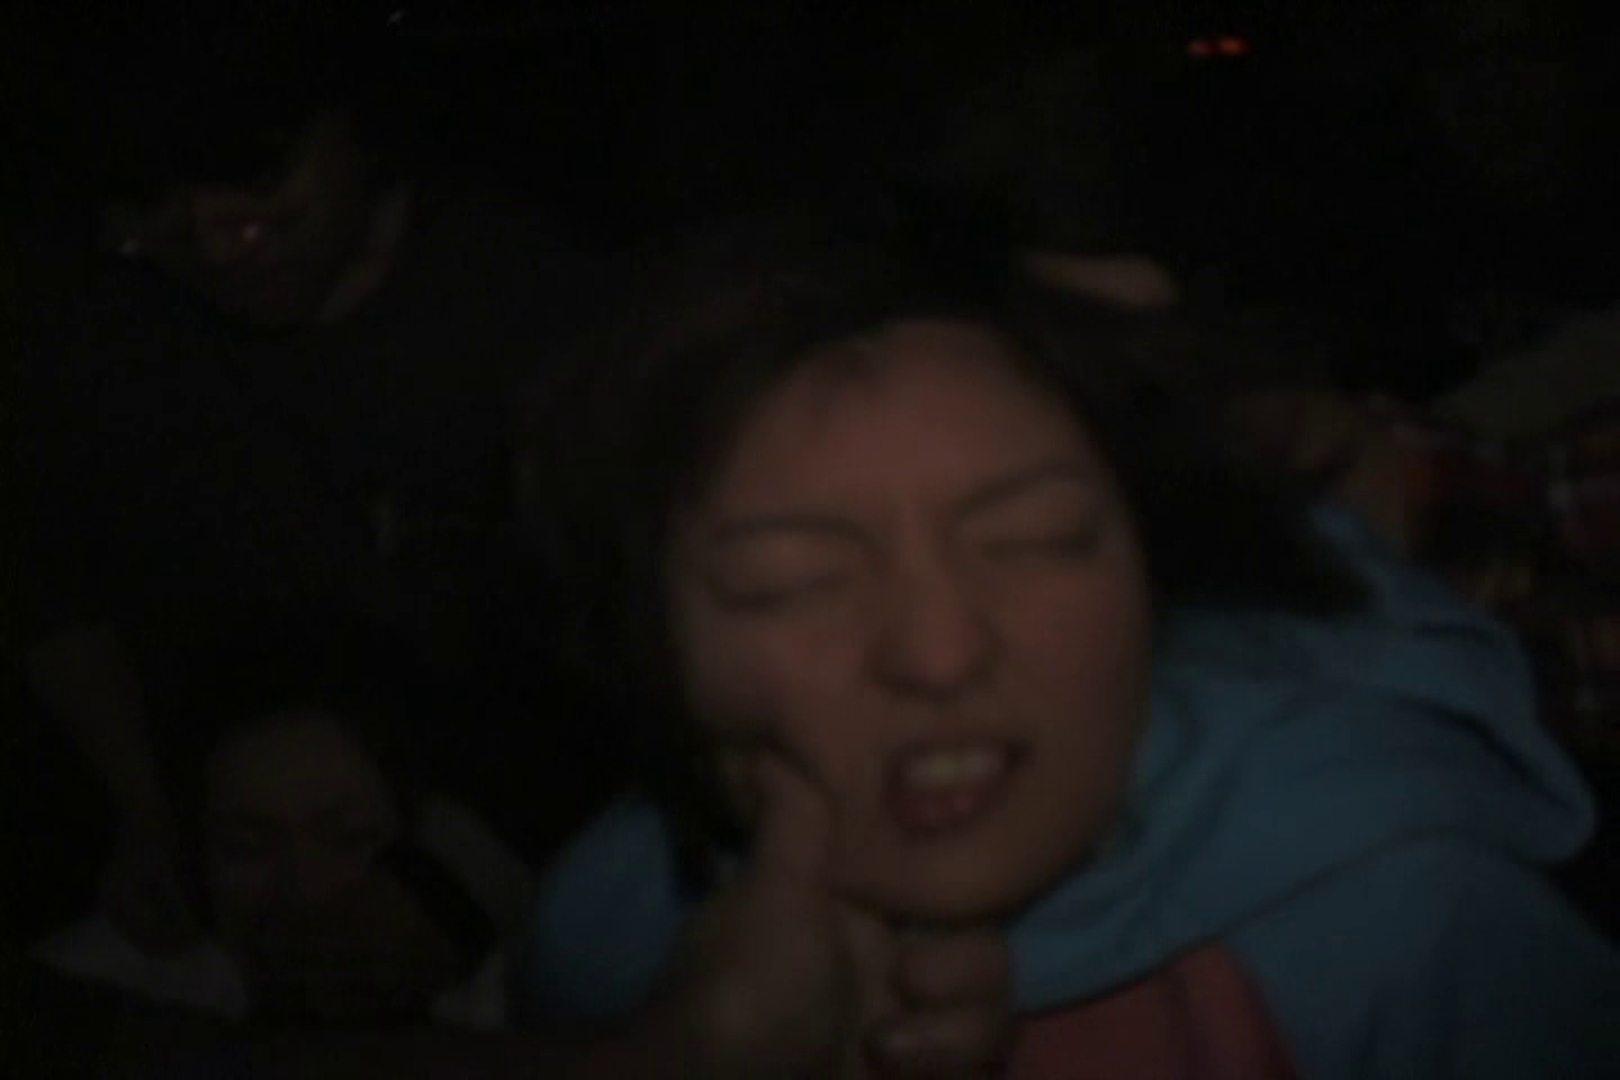 無修正エロ動画:飢えた男達が買い物帰りの女性達に・・・!~vo,1:大奥